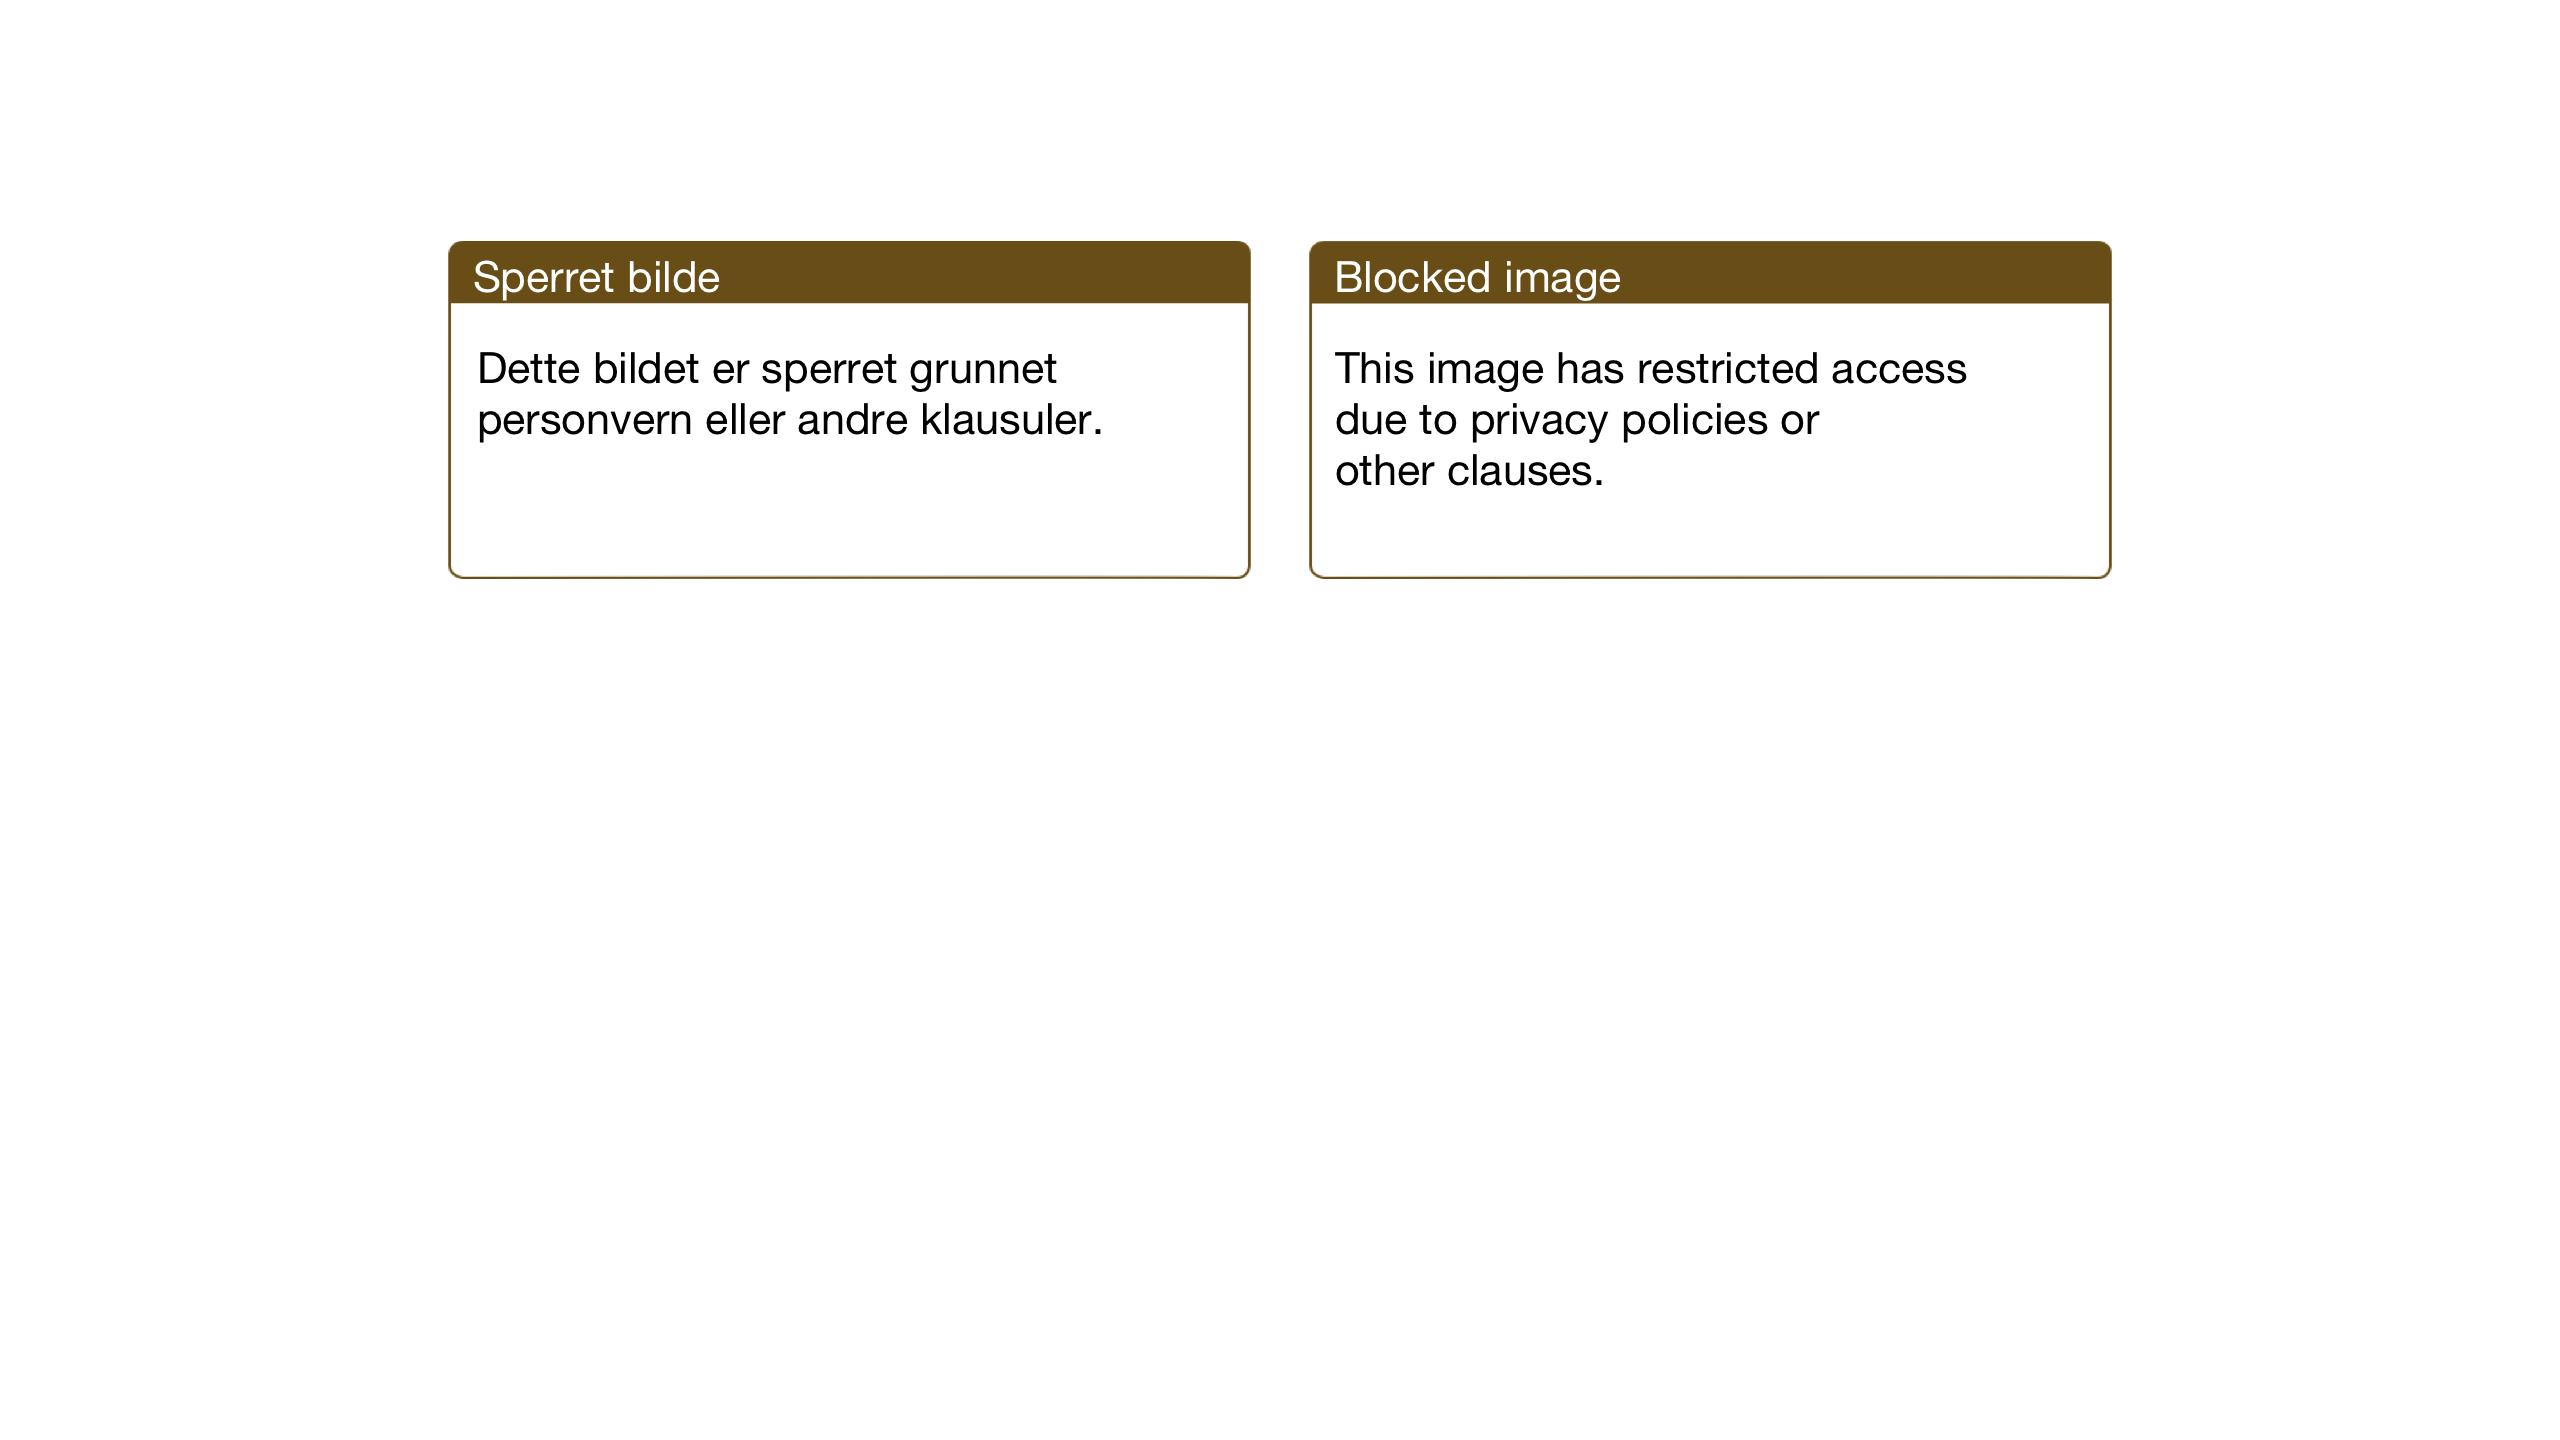 SAT, Ministerialprotokoller, klokkerbøker og fødselsregistre - Nord-Trøndelag, 733/L0328: Klokkerbok nr. 733C03, 1919-1966, s. 28